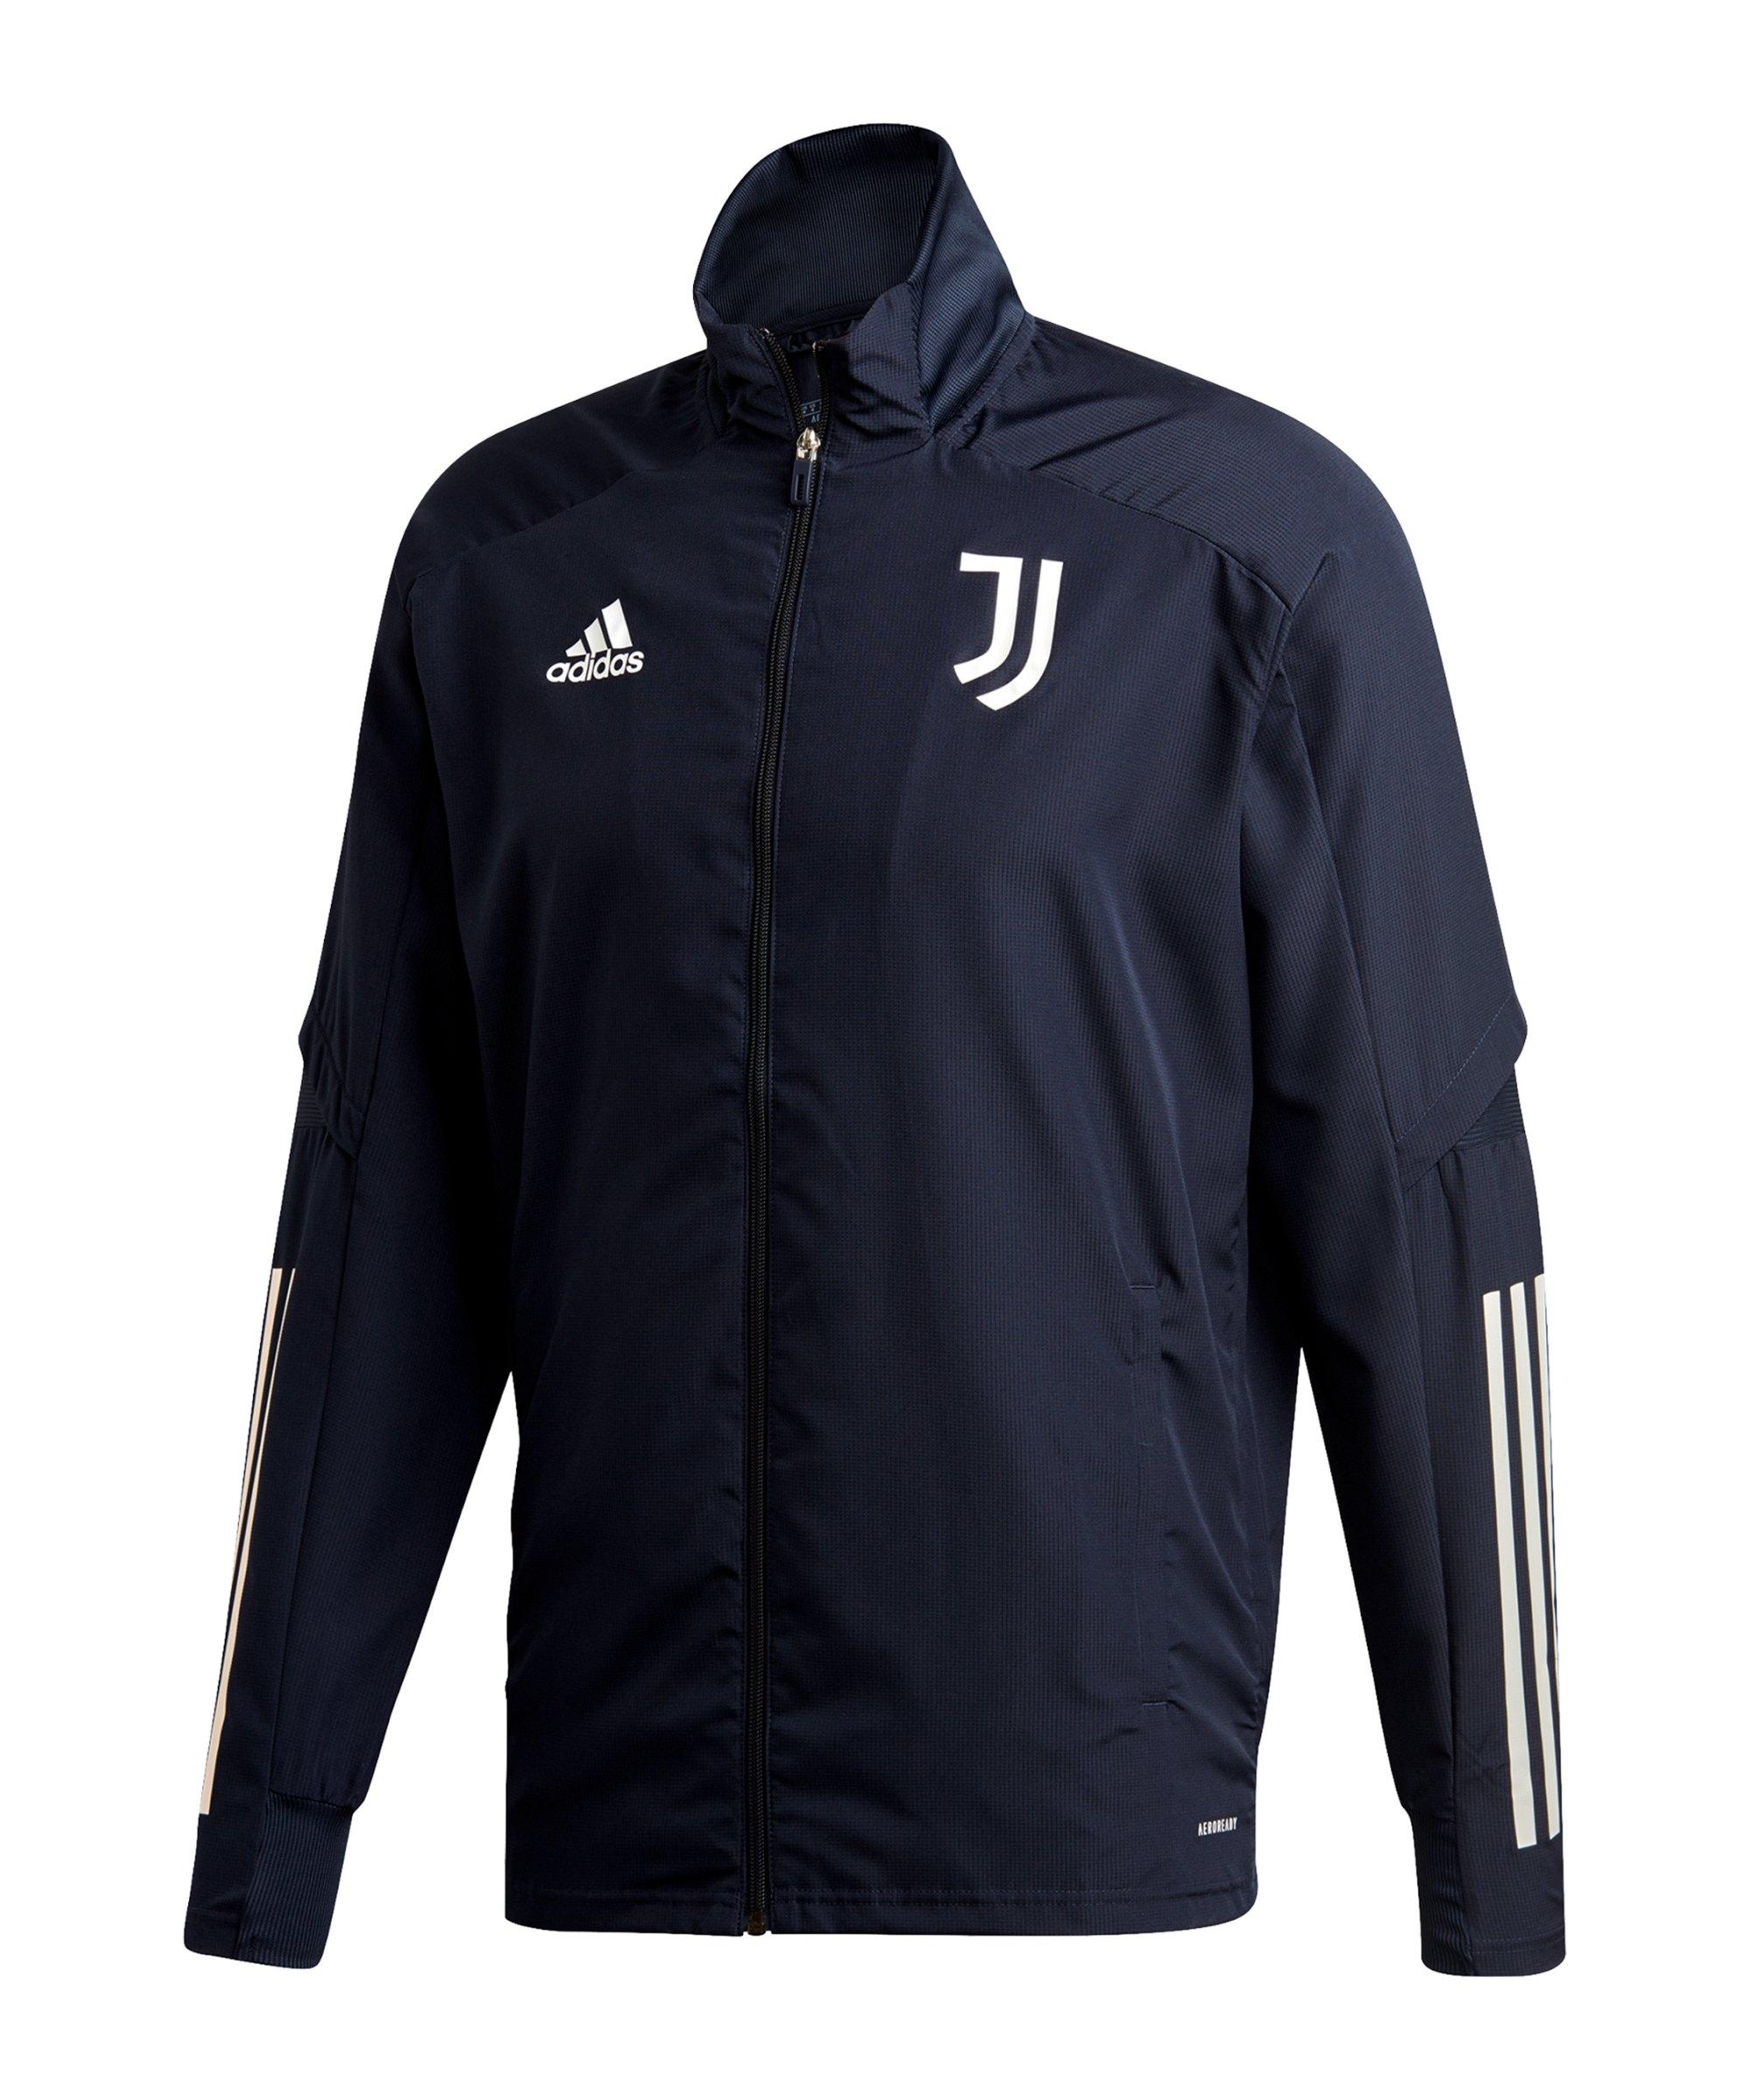 adidas Juventus Turin Präsentationsjacke Blau Grau - blau